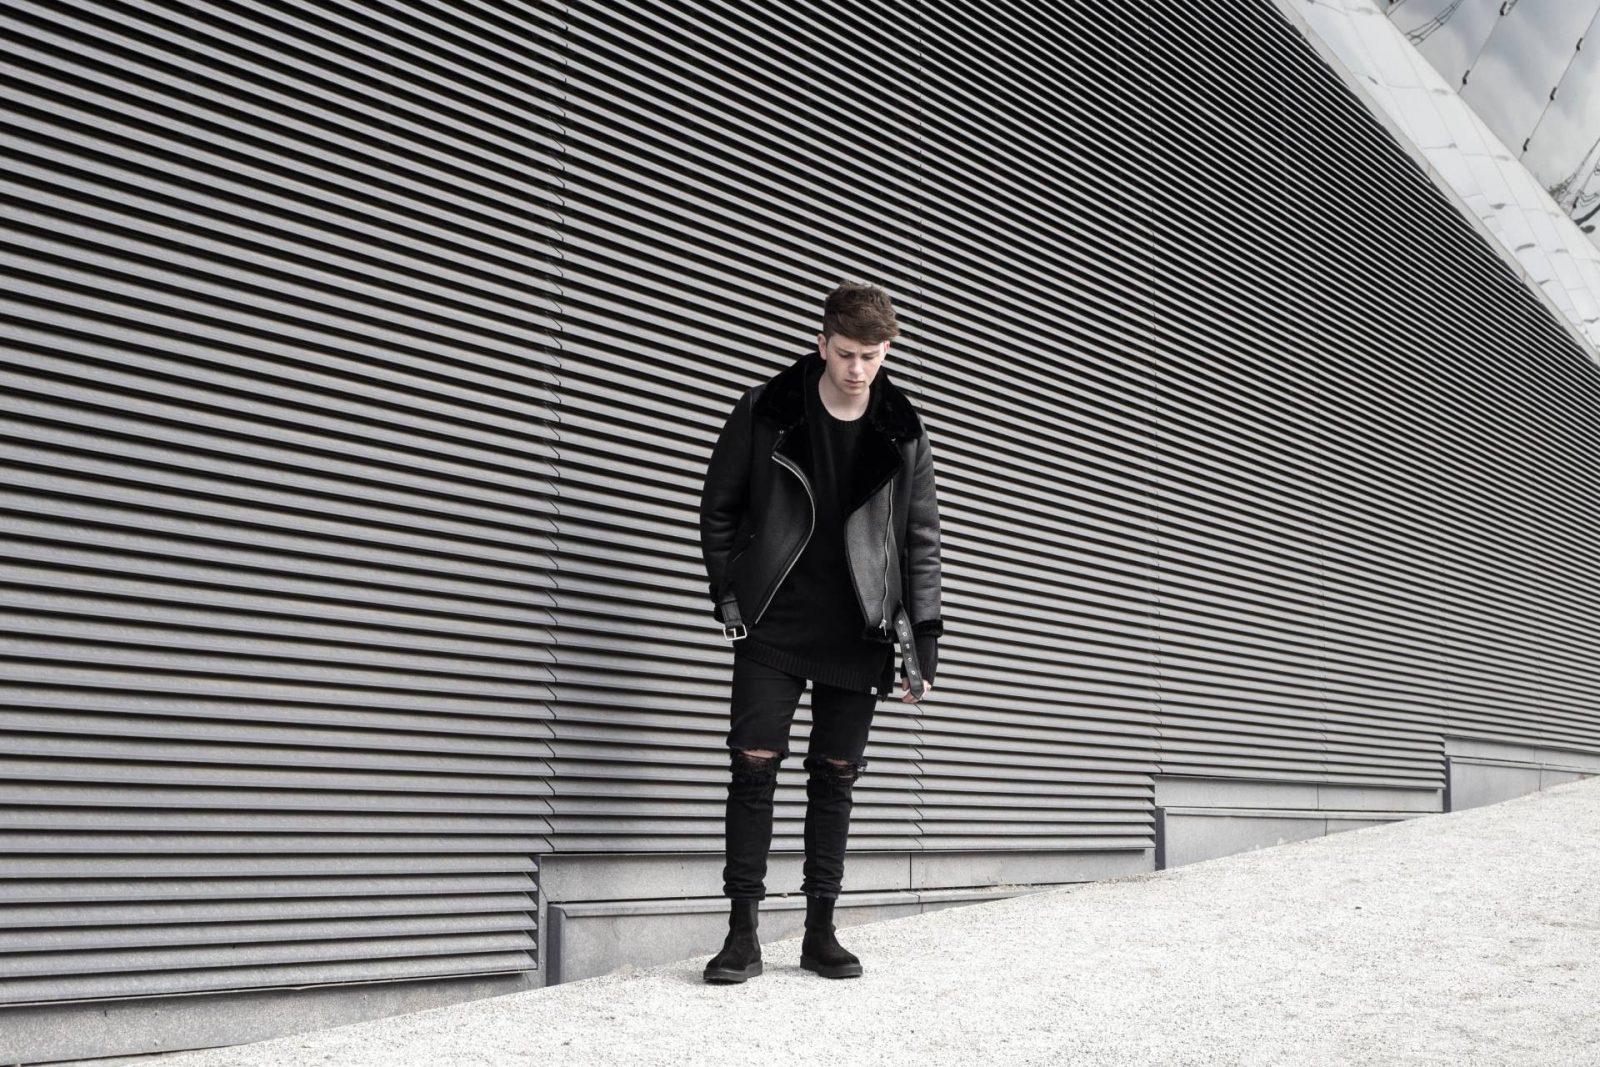 OOTD – Zara Faux Shearling Jacket